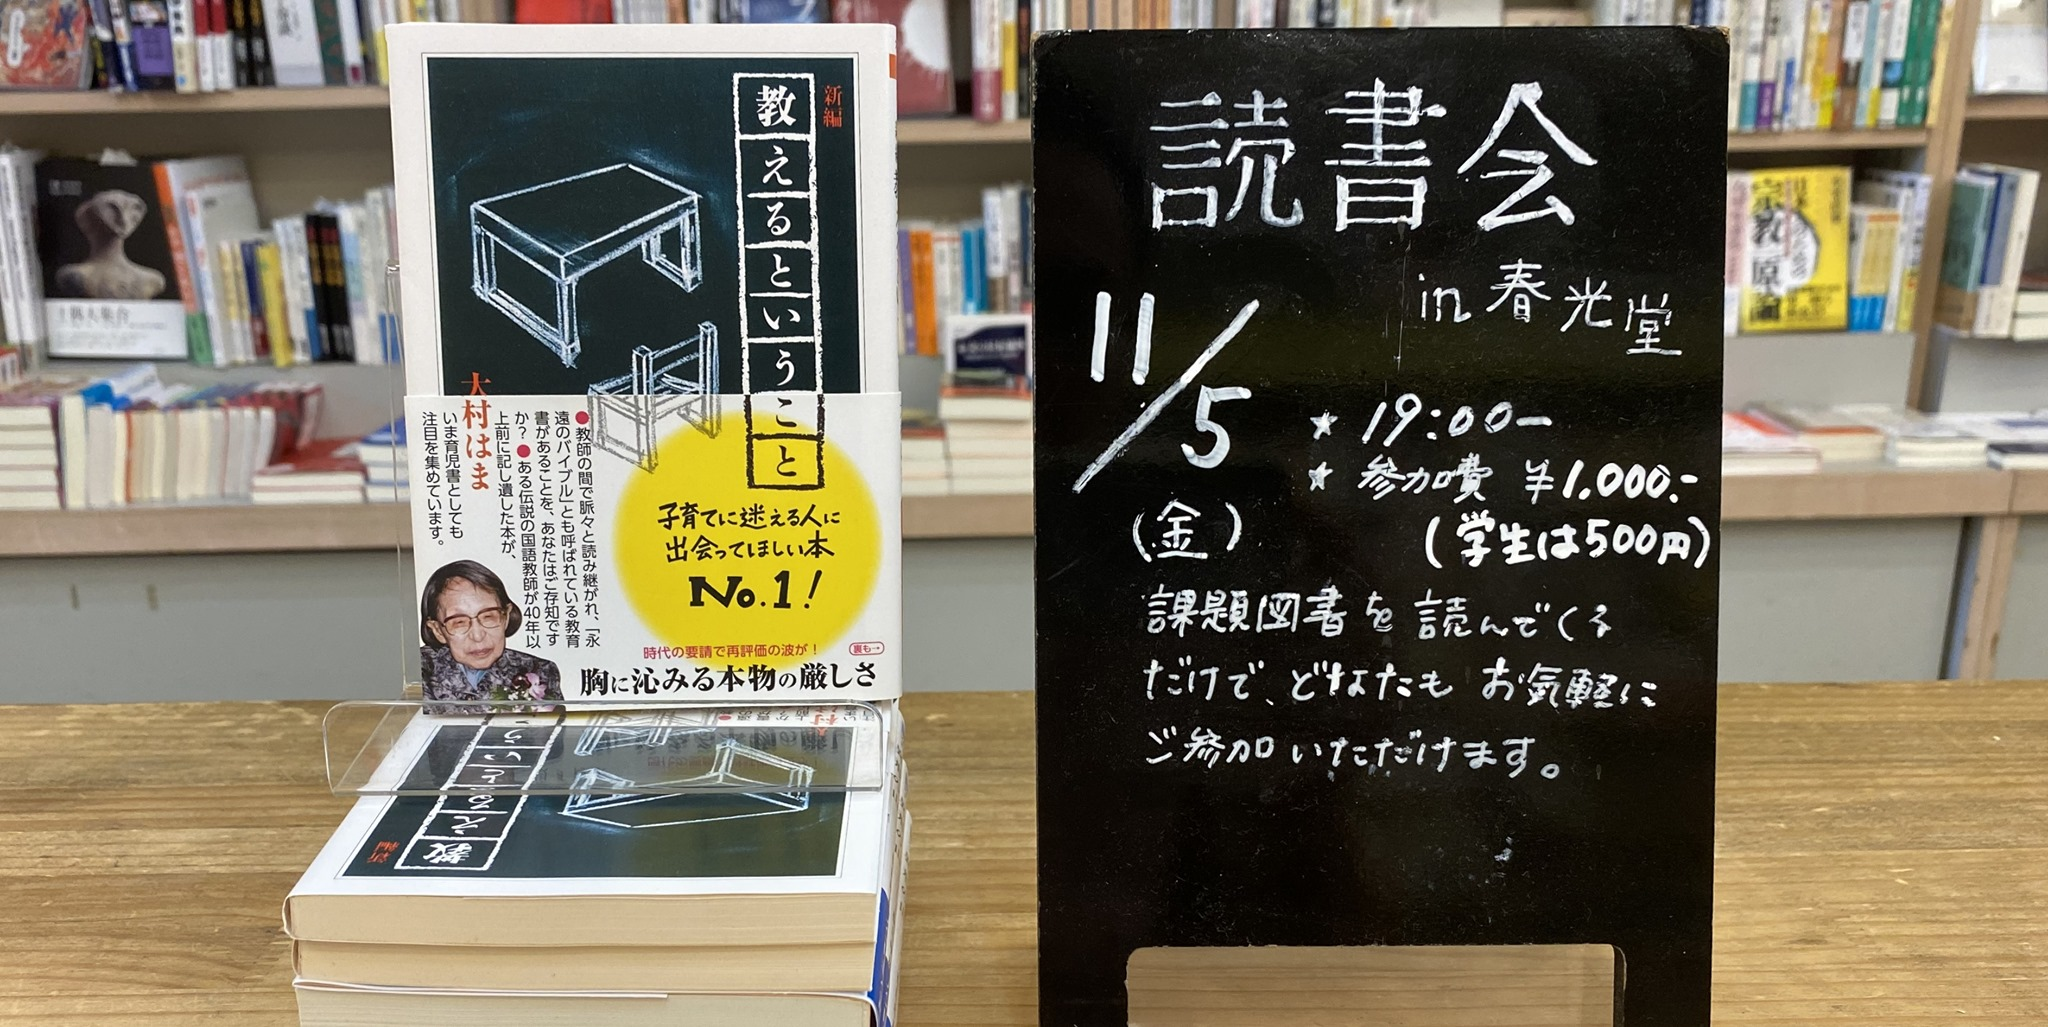 11月読書会(リアル+オンライン)のイメージ